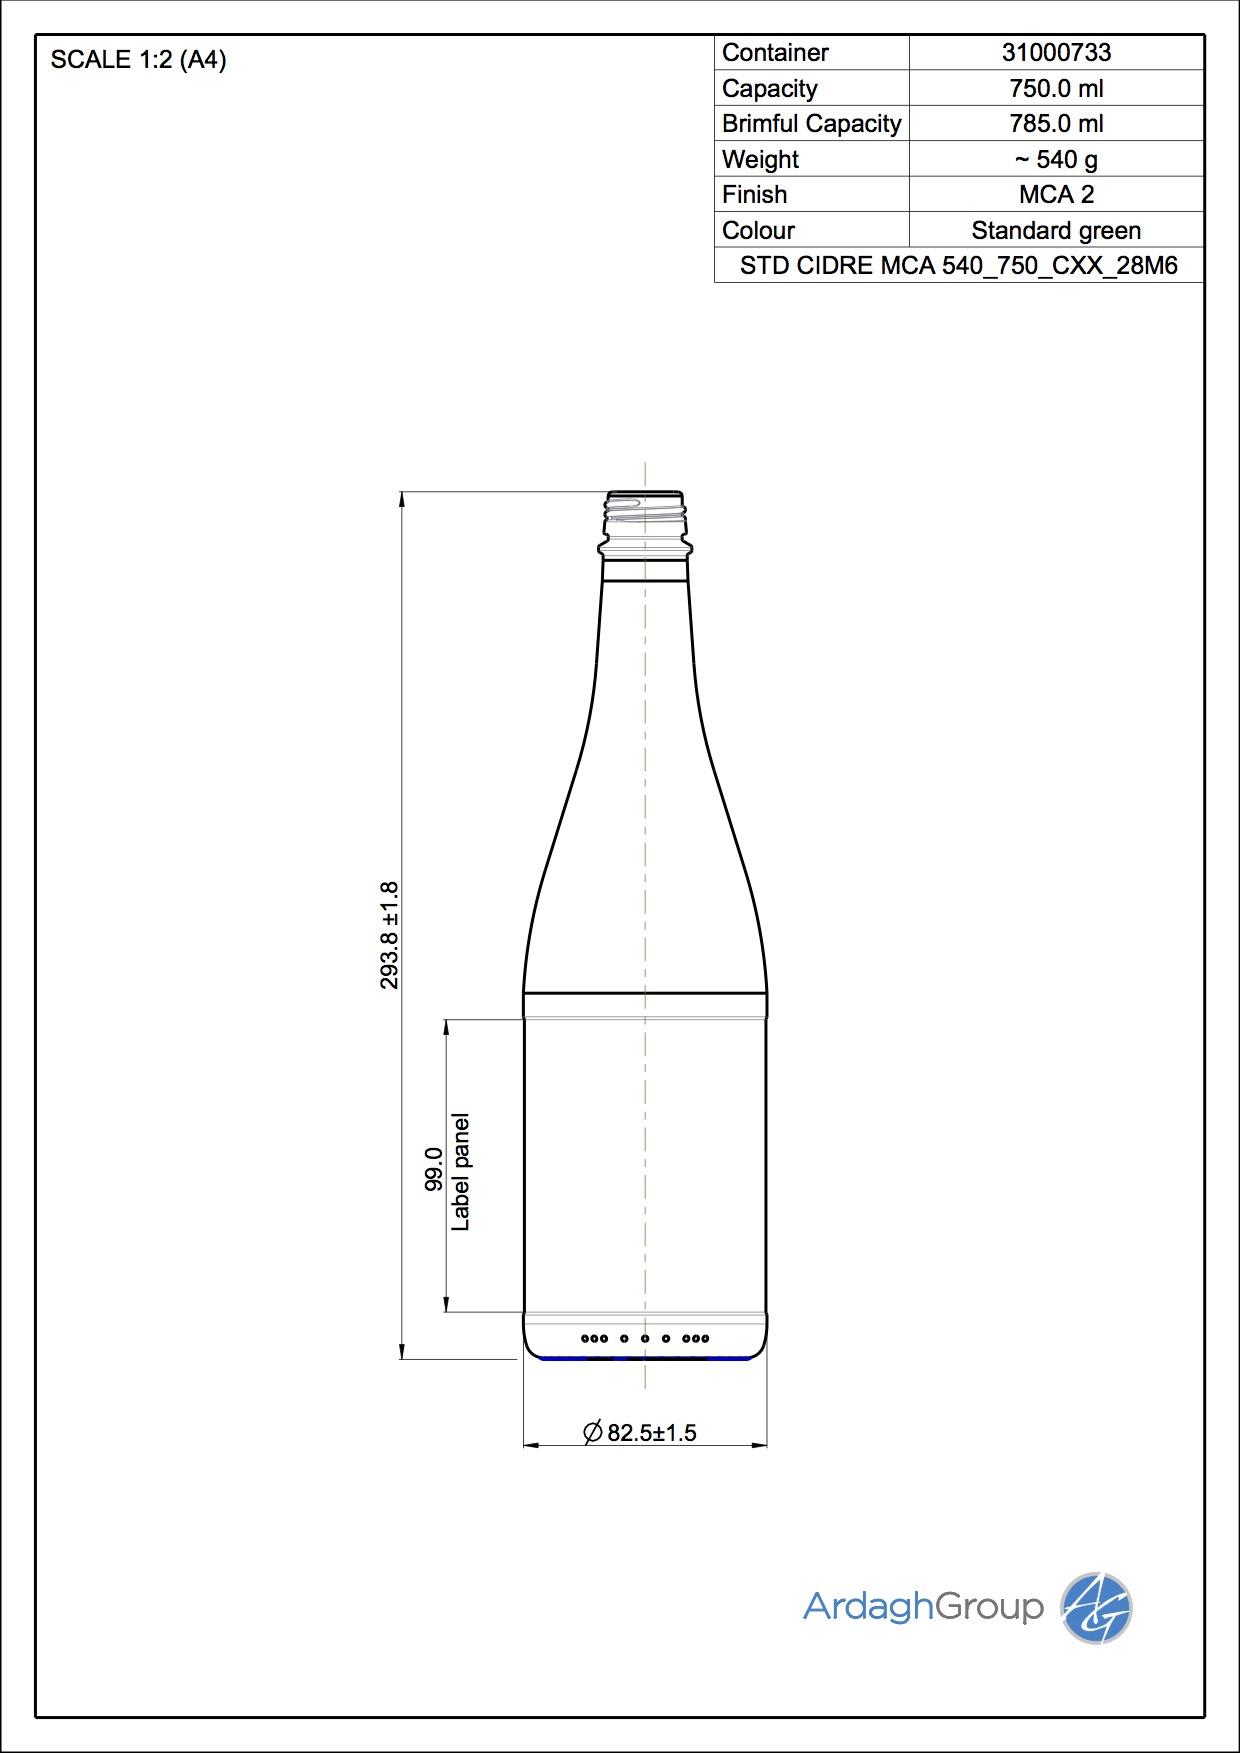 CIDRE MCA 540 750 C10 28M6